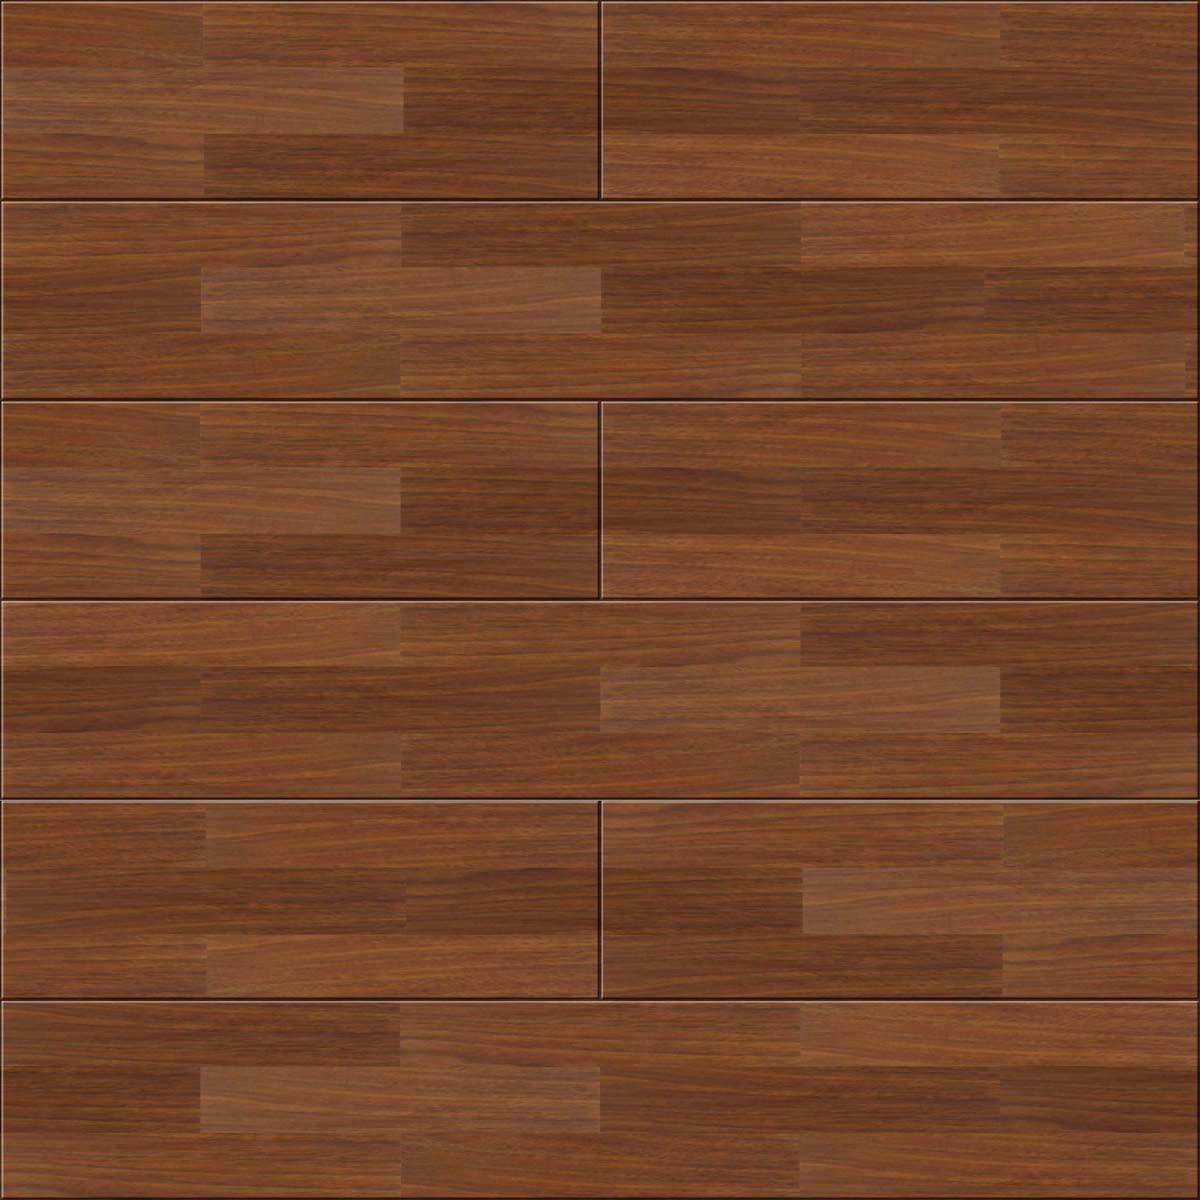 木地板-木地板价格-木地板供应-木地板批发 【宏华】 泉州宏华装饰建材有限公司位于南安石井,公司成立于1998年,公司以开拓进取、诚实经营为立业之本,以质量求生存,以服务求发展。公司是一家专业销售装饰建材五金配套企业,本公司主要的运营模式是批发和零售,主要经营产品有:艺术背景墙、五金锁具、集成吊顶、艺术玻璃、衣柜移门、卫浴洁具等系列产品。公司秉承顾客至上,锐意进取的经营理念,坚持客户的原则为广大客户提供优质的服务,欢迎新老客户来电咨询!!! 公司是一家专业销售建材五金配套企业,本公司主要